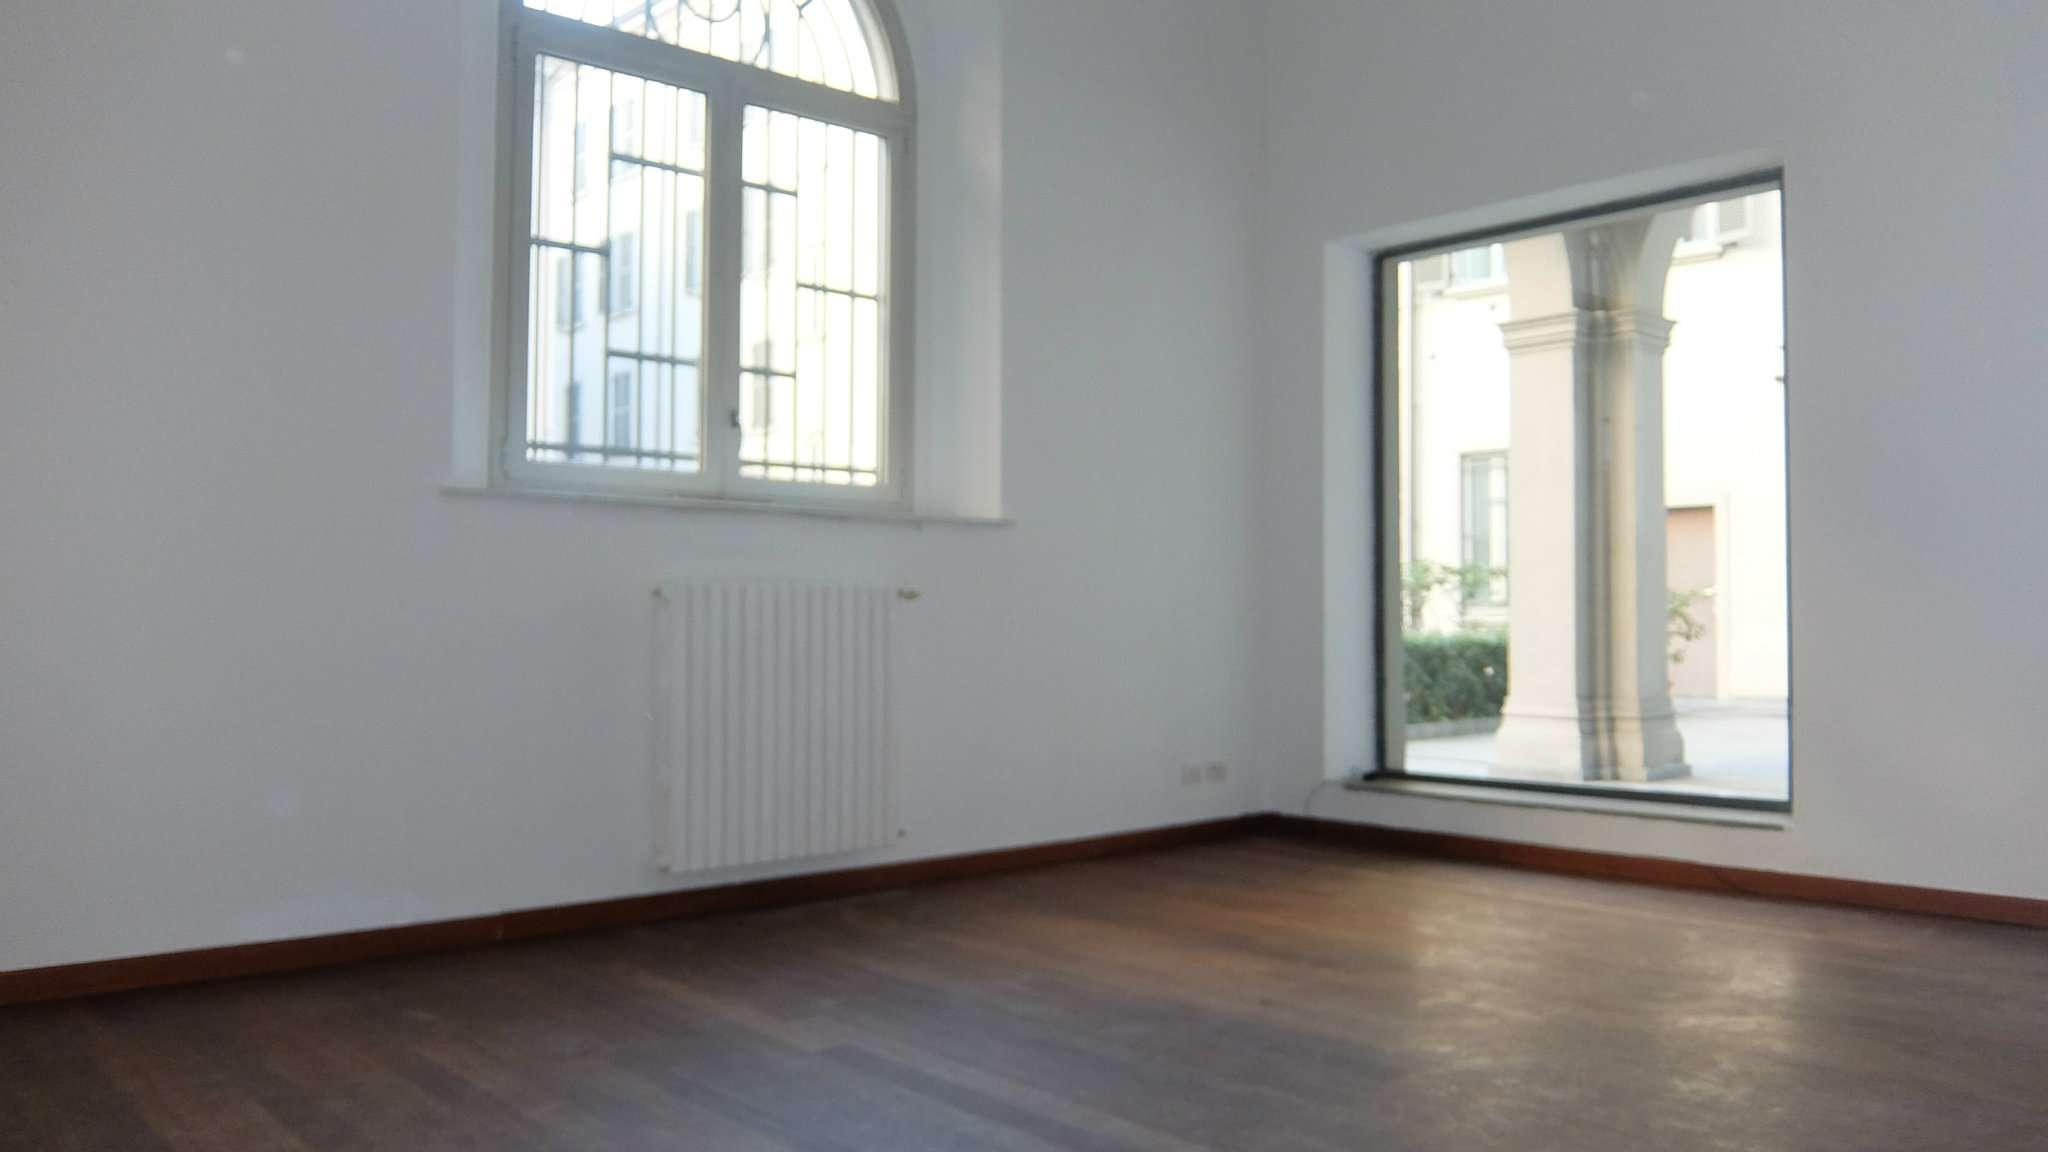 Appartamenti centro in affitto a milano pag 8 for Appartamenti arredati in affitto milano